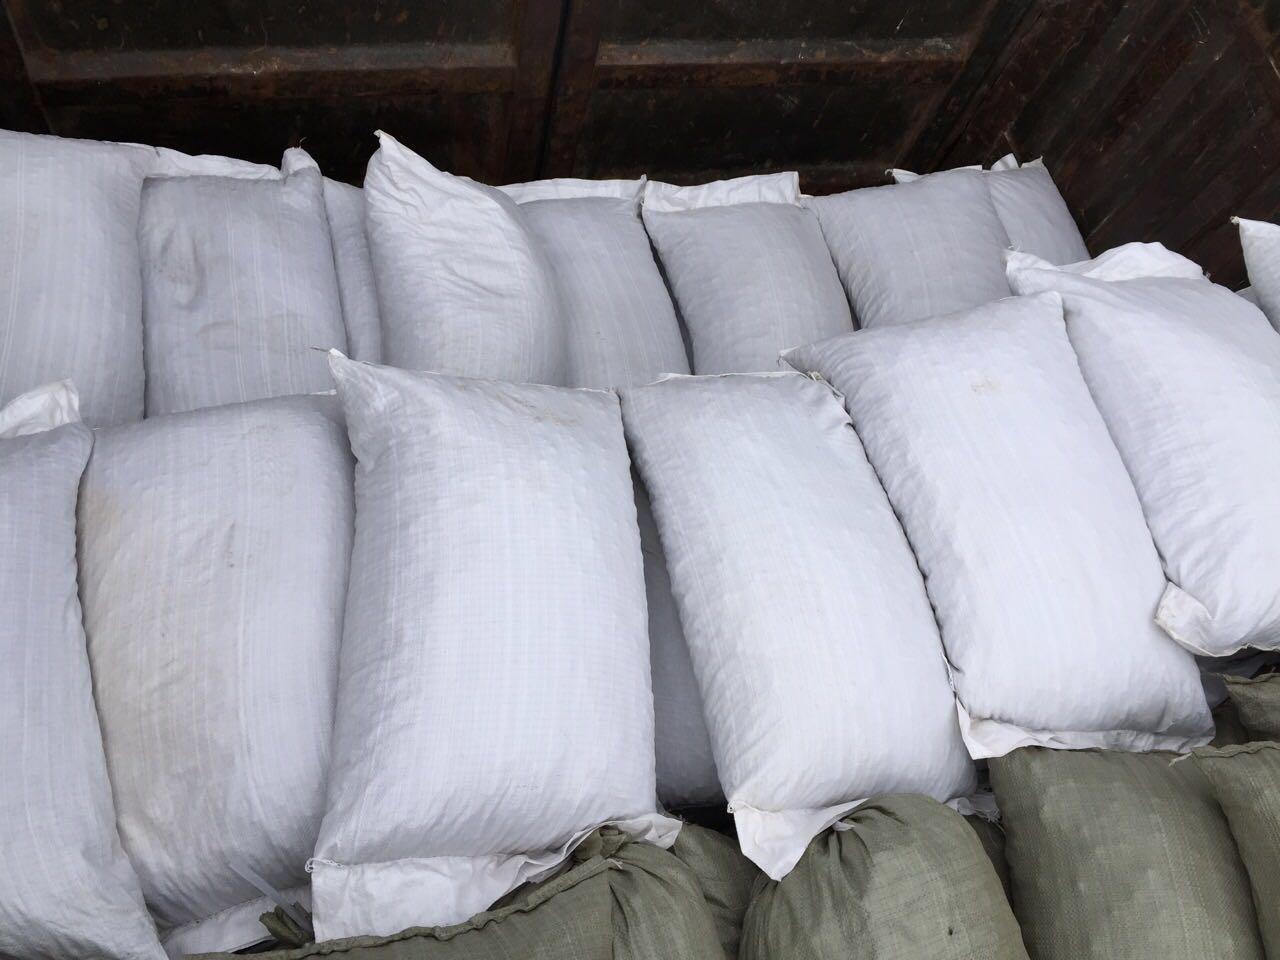 河源陶粒,河源陶粒厂,河源陶粒批发,推荐惠州云乔建材